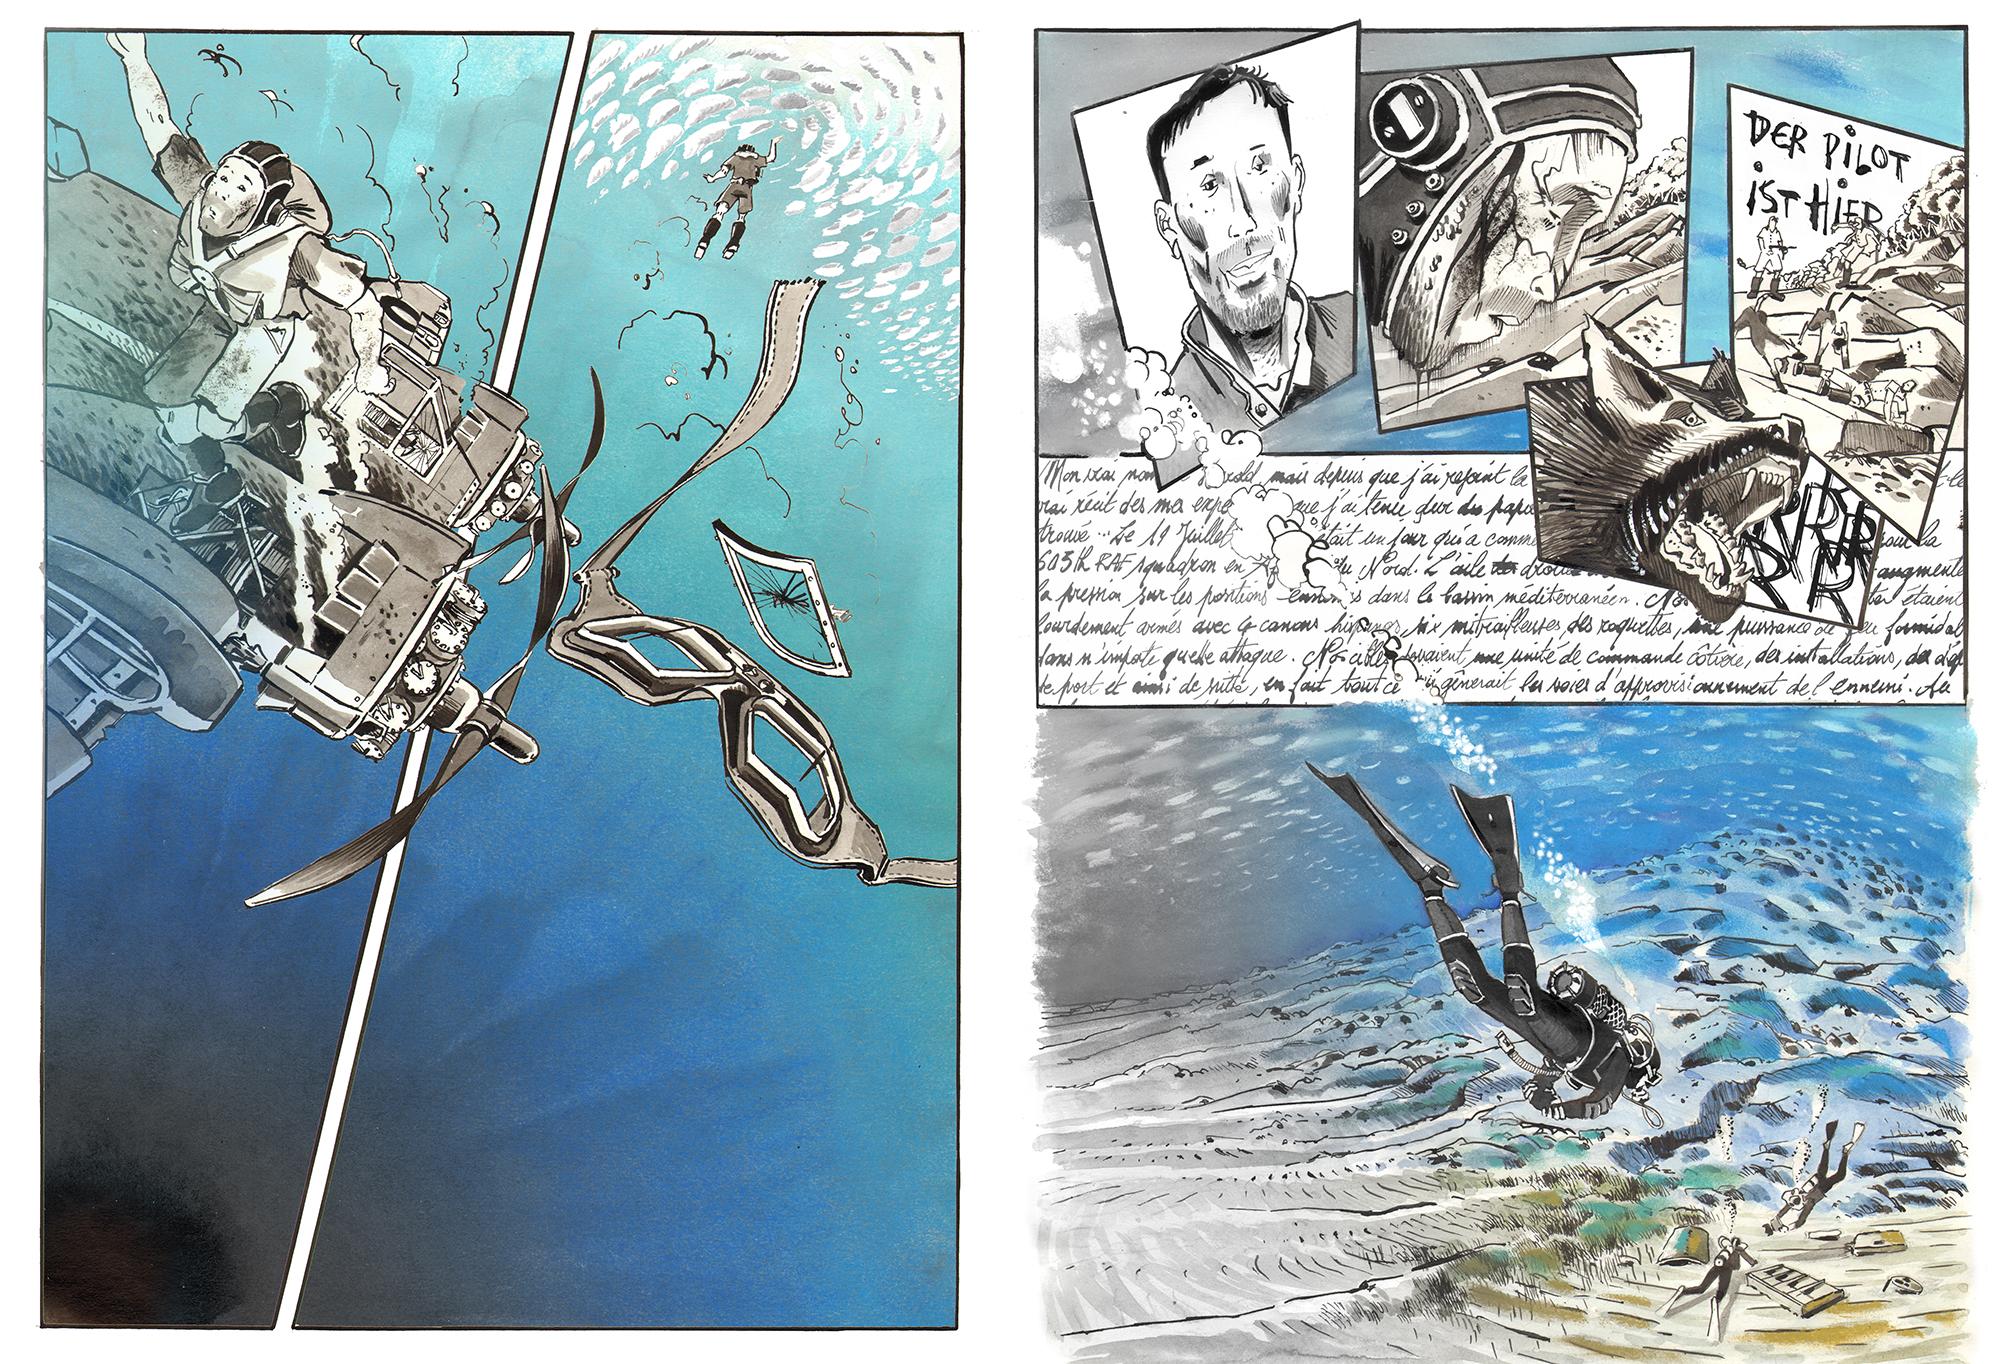 Une double page de la bande dessinée racontant l'histoire du pilote anglais avec la mission de la Fondation Octopus © Octopus Foundation